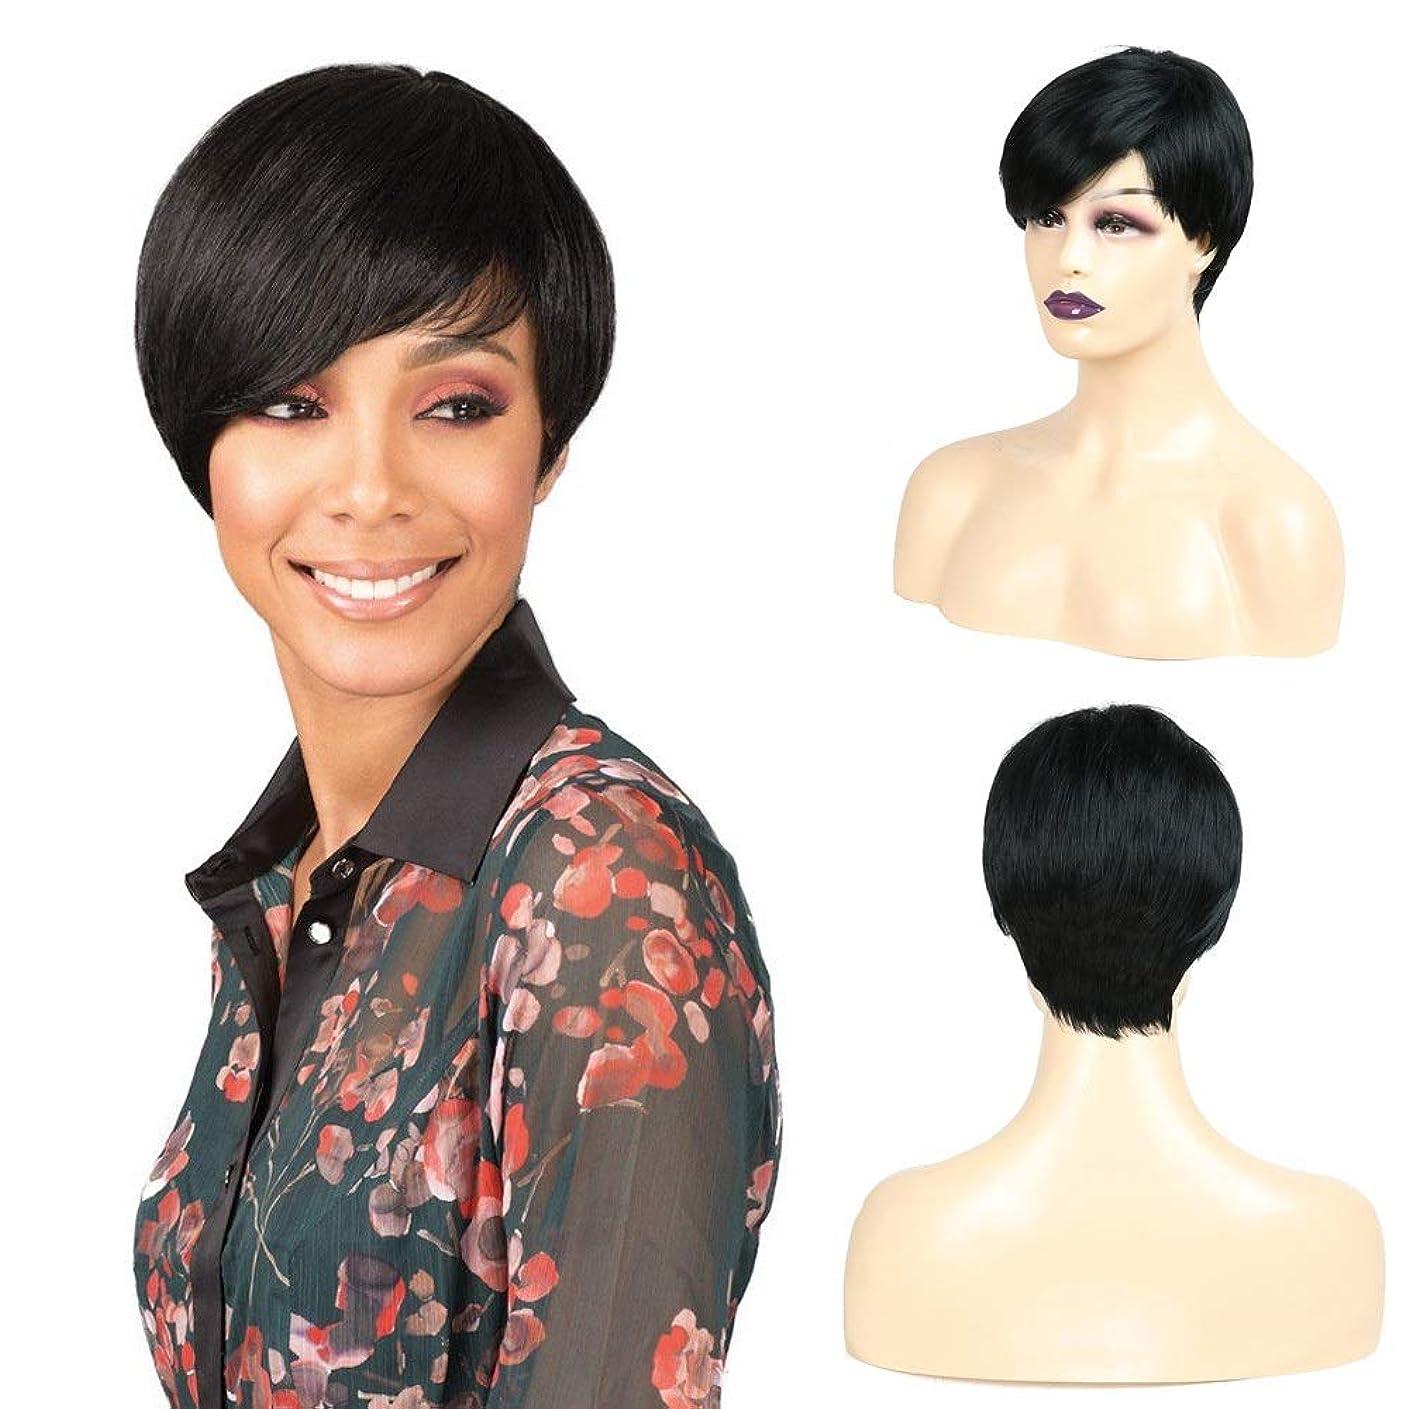 電報印象的なアクションかつら ヨーロッパとアメリカのファッションアフリカの黒人女性の斜め前髪付きショートヘアウィッグパーティーかつら (色 : 黒)